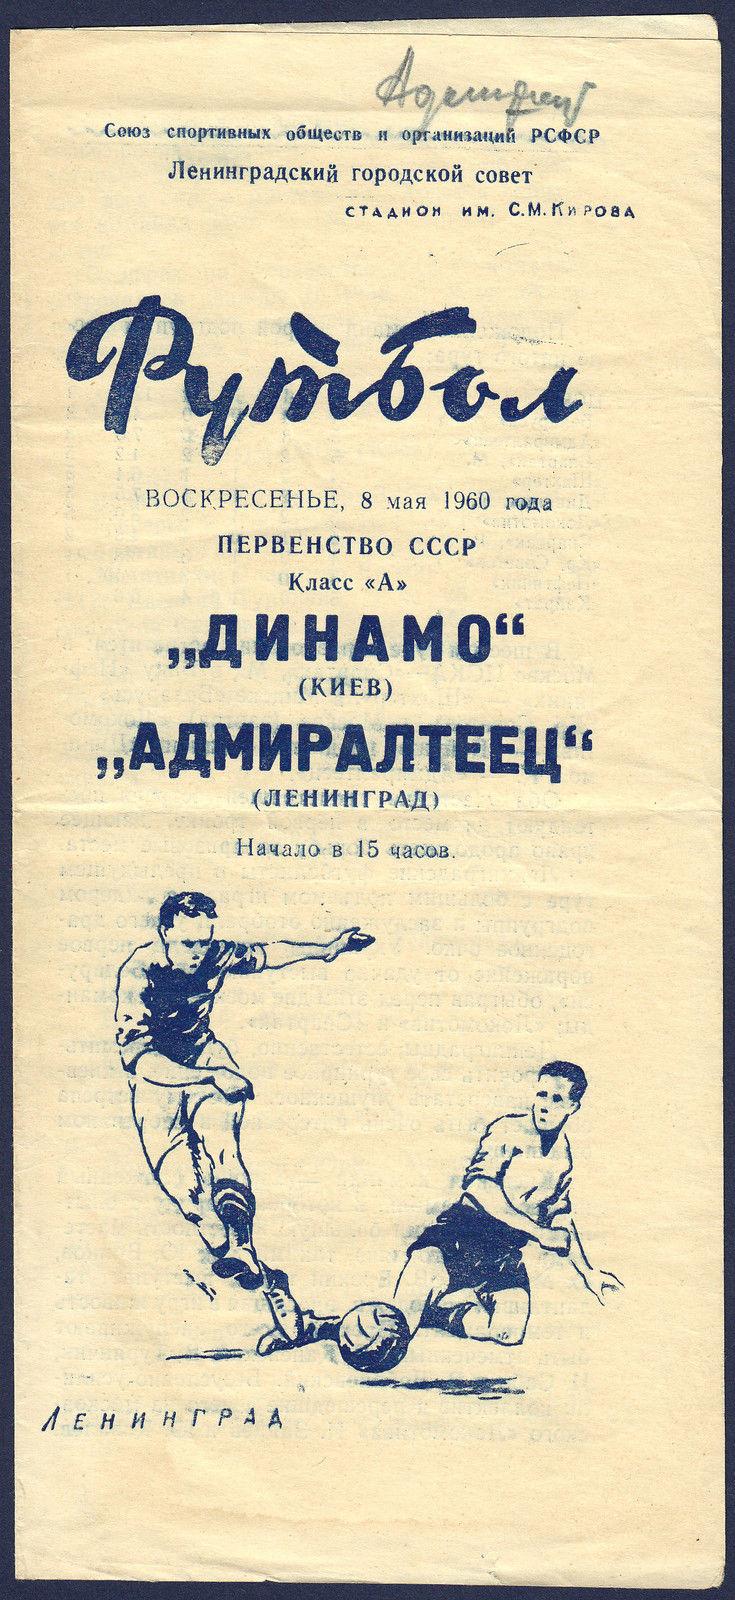 Адмиралтеец (Ленинград) - Динамо (Киев) 5:1